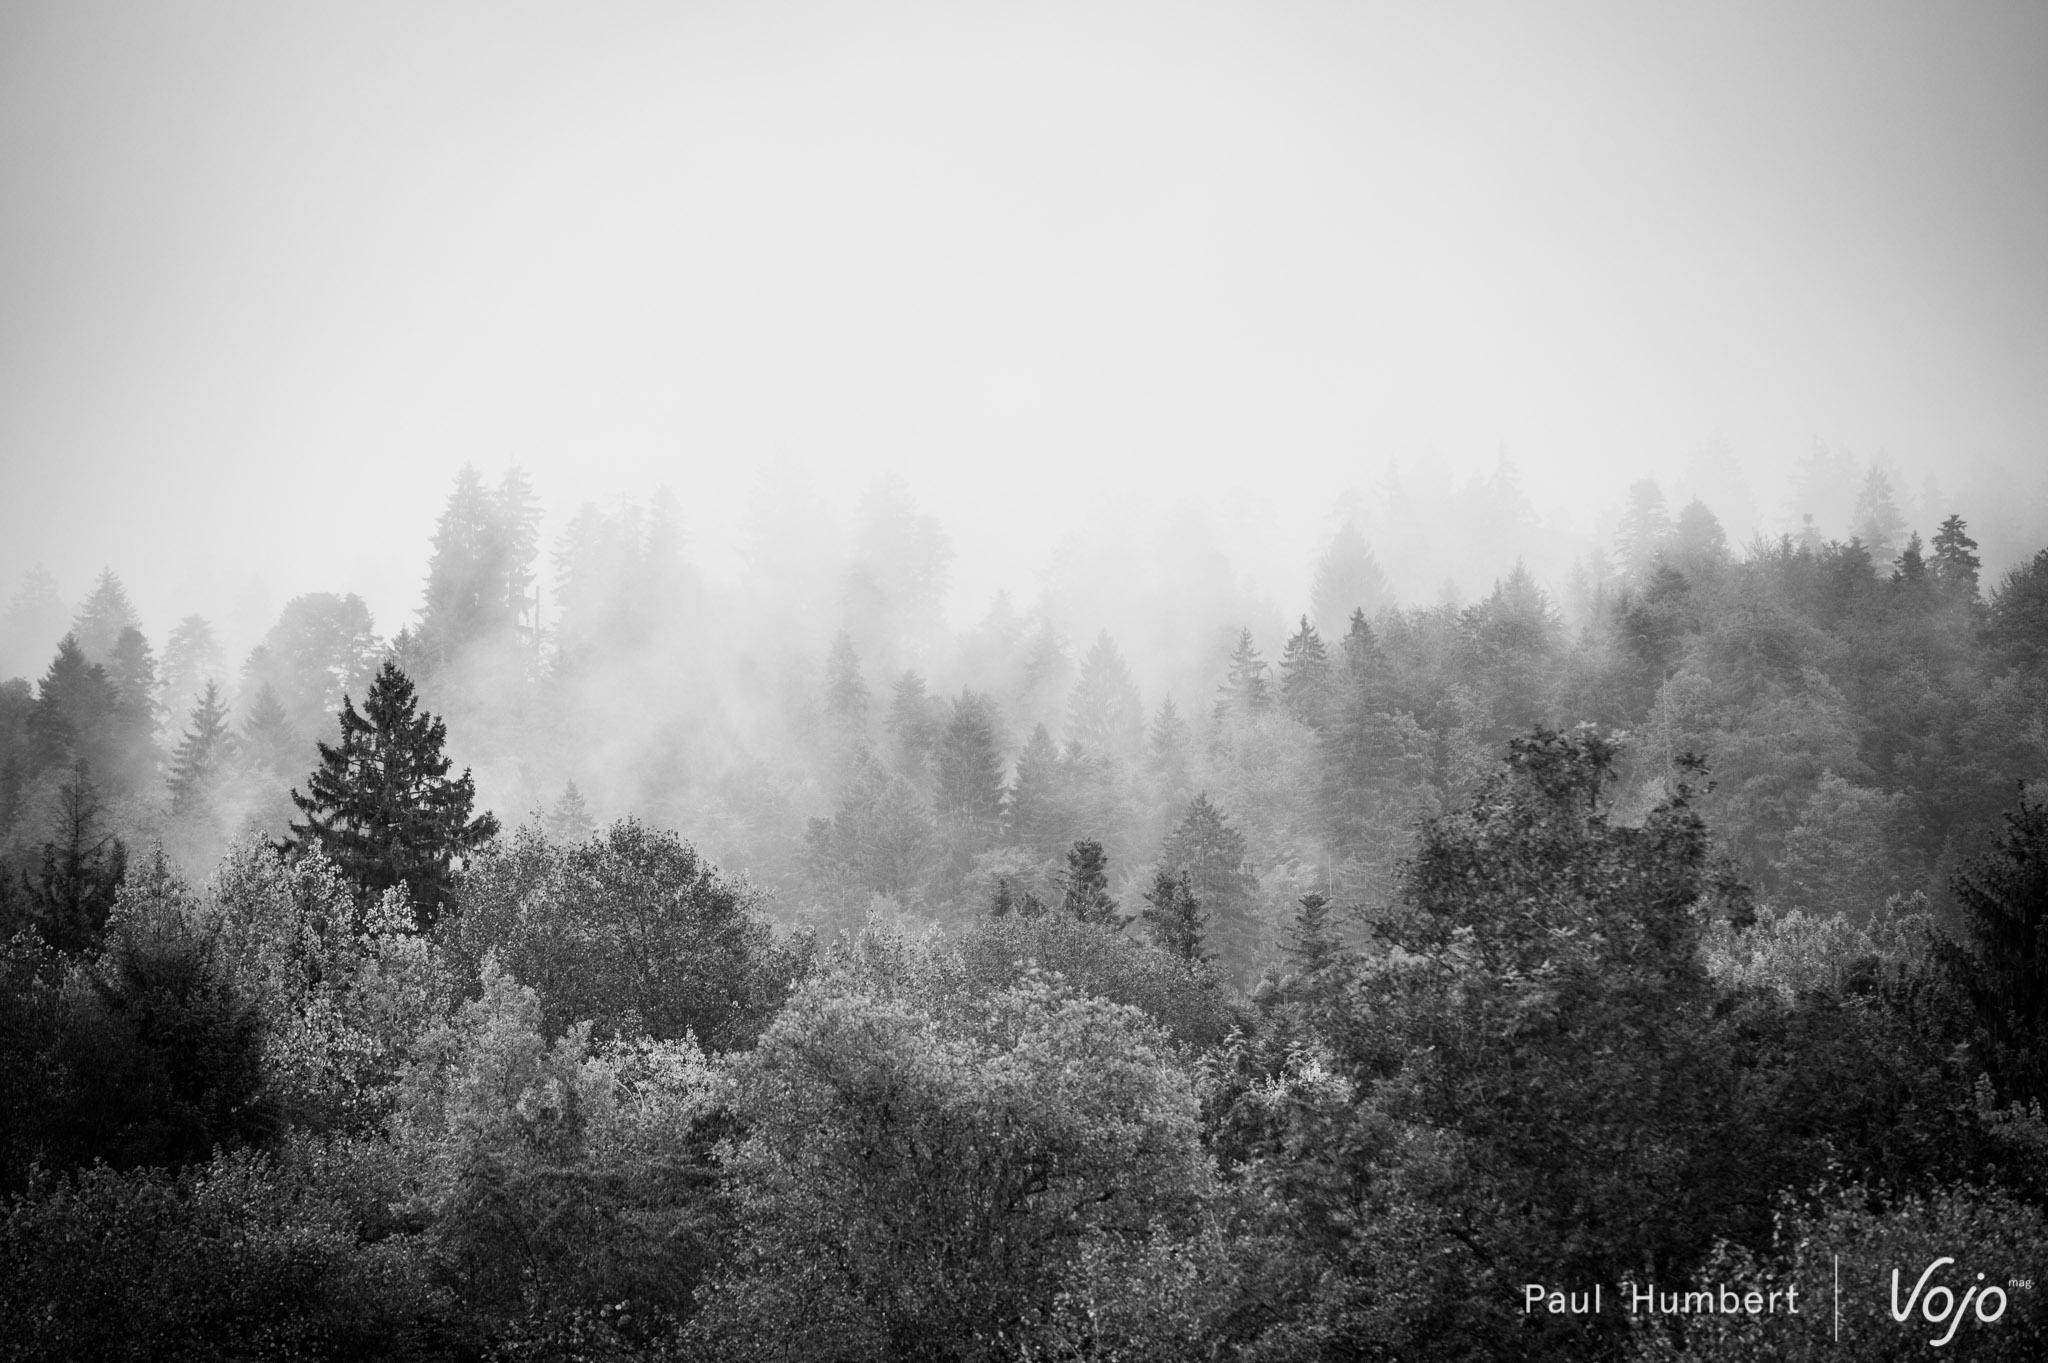 la-forestiere-2016-vojo-paul-humbert-110